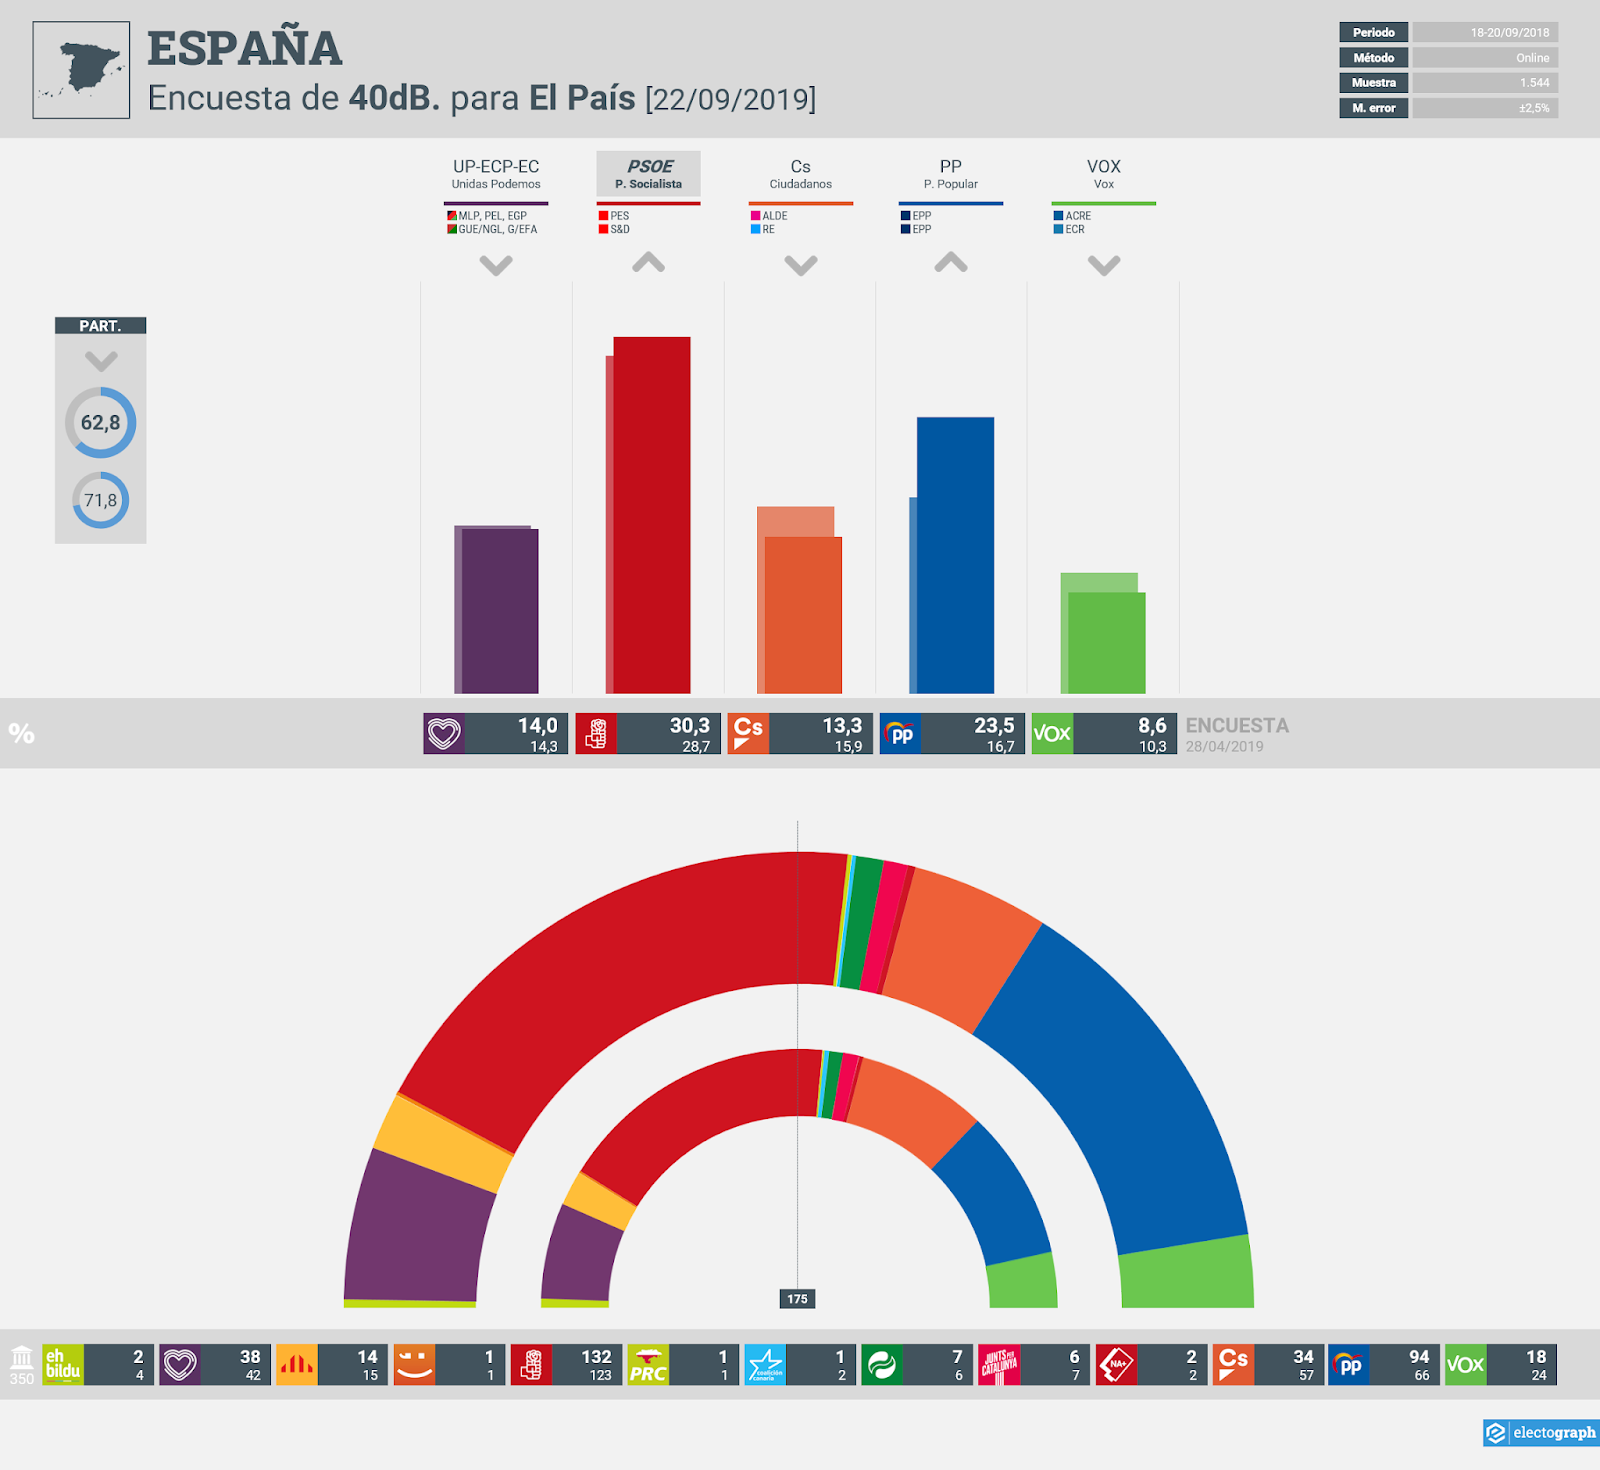 Gráfico de la encuesta para elecciones generales en España realizada por 40dB. para El País, 22 de septiembre de 2019